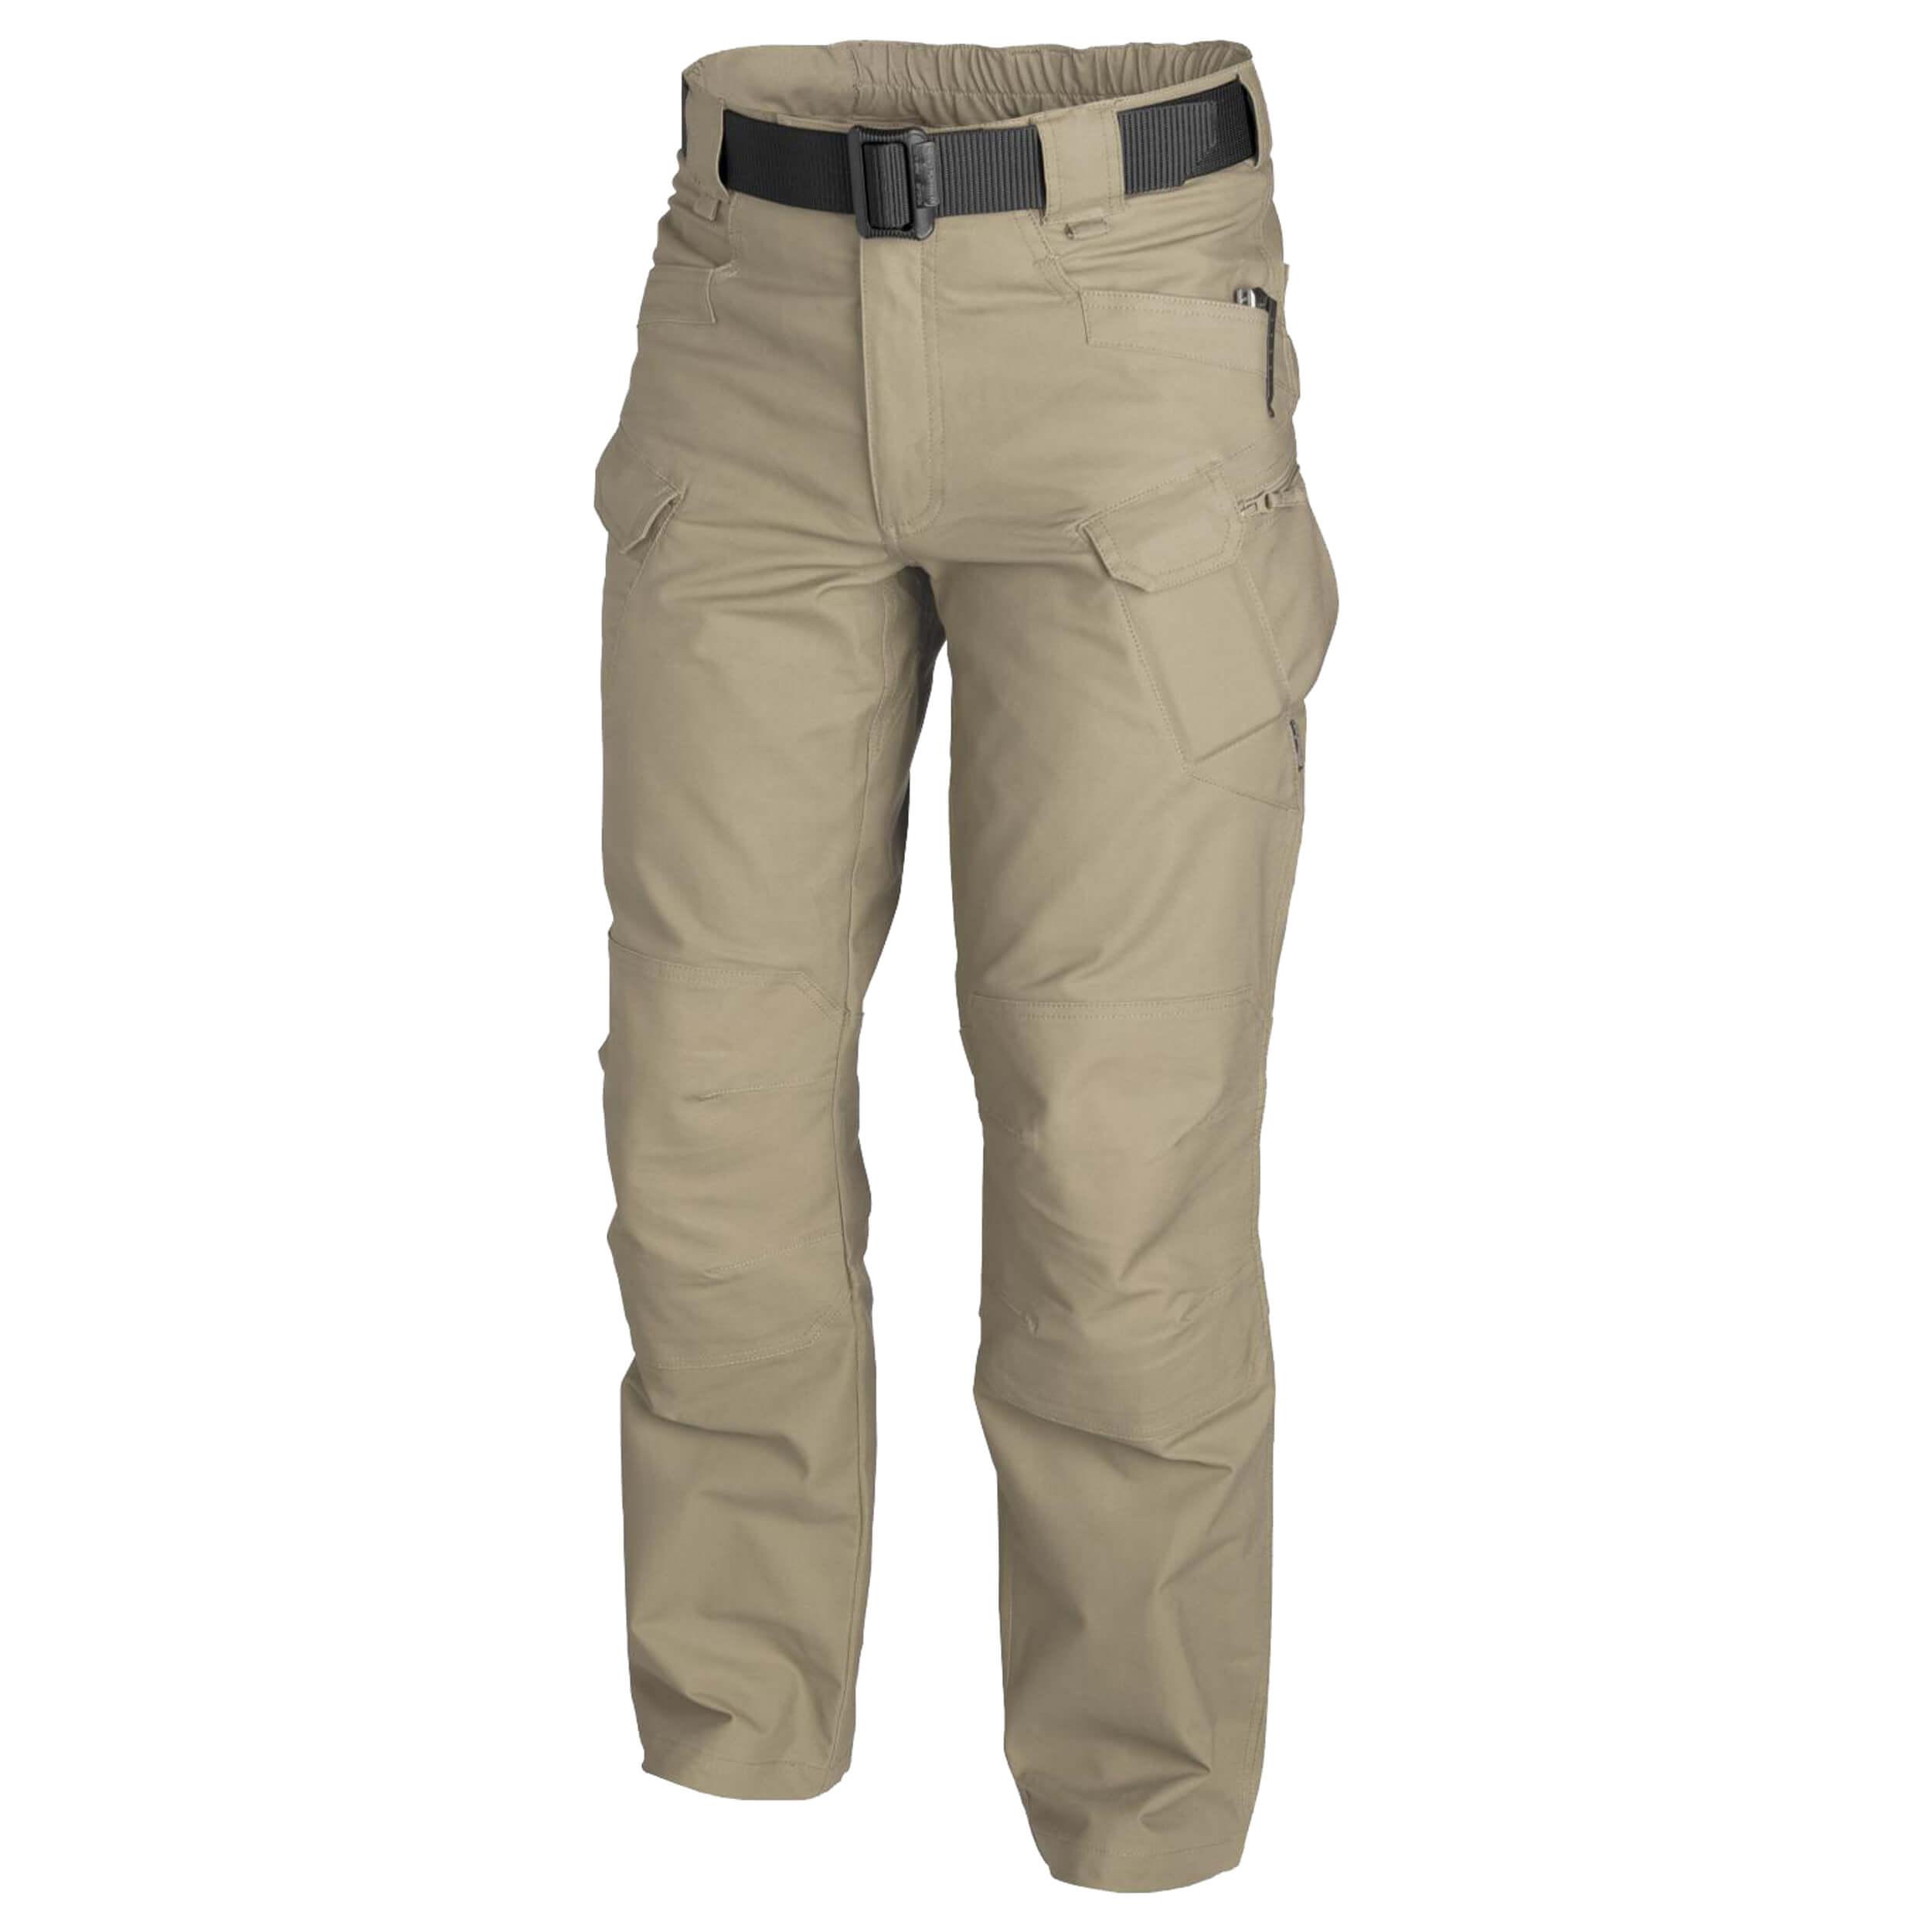 Helikon-Tex Urban Tactical Pants PolyCotton Canvas Khaki